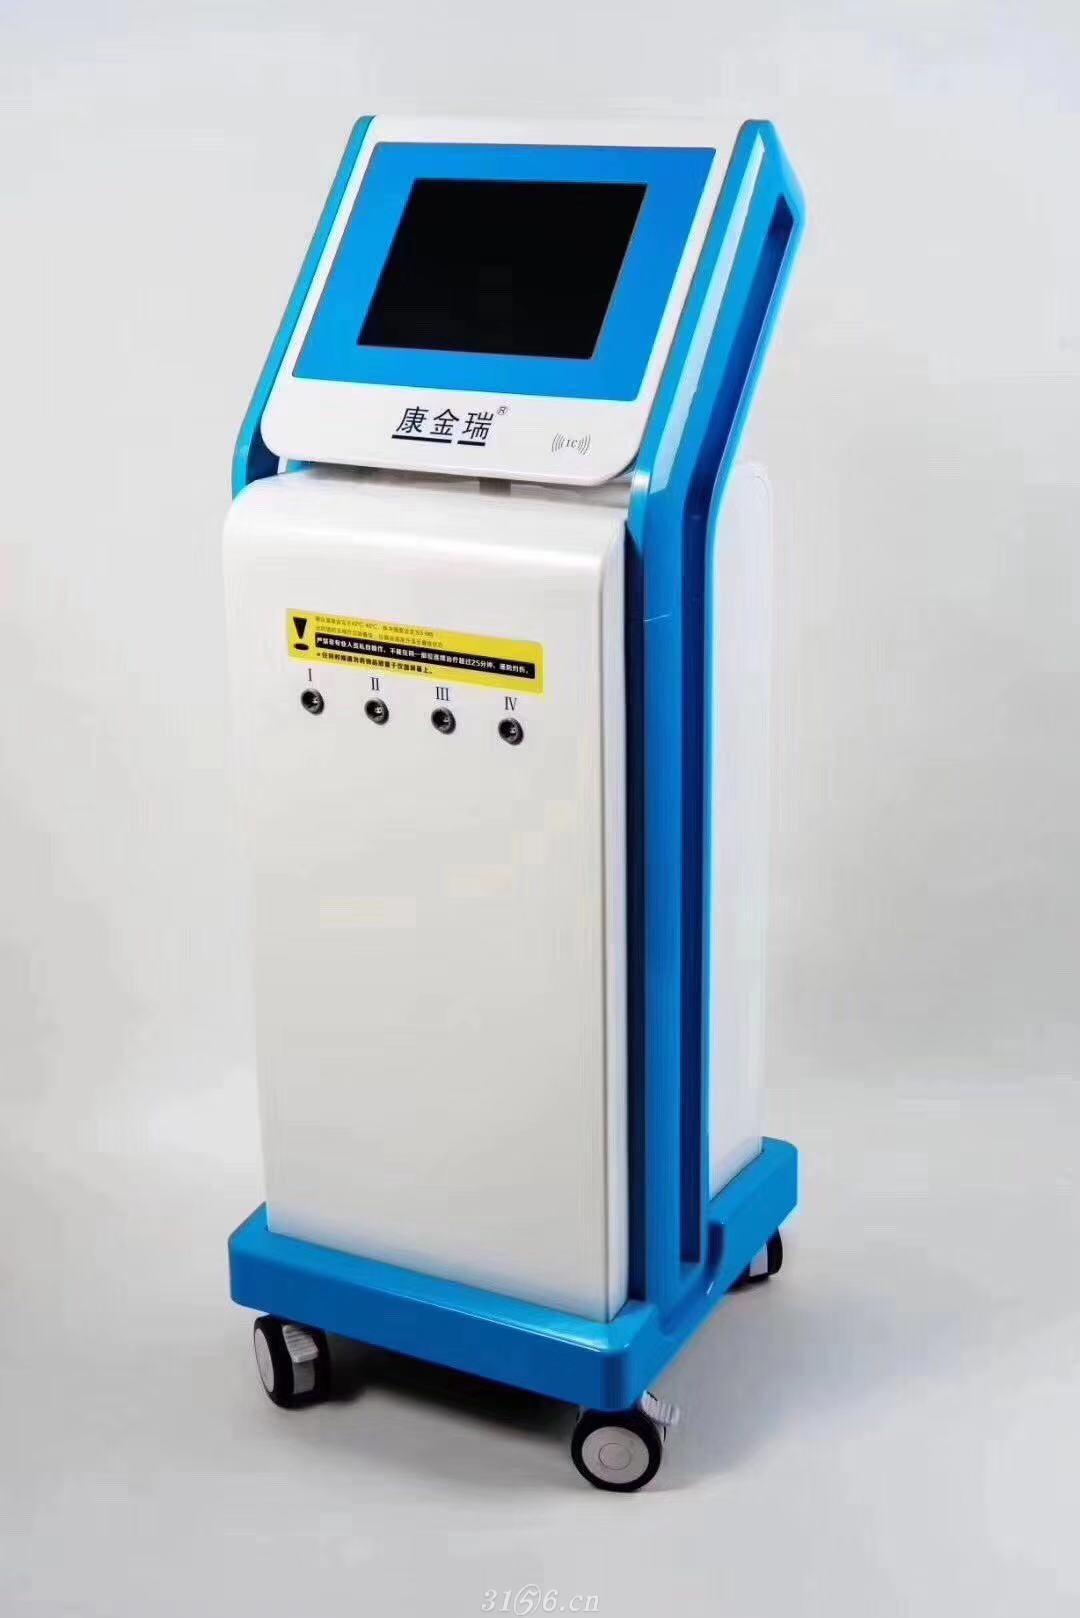 多功能激光透药治疗仪